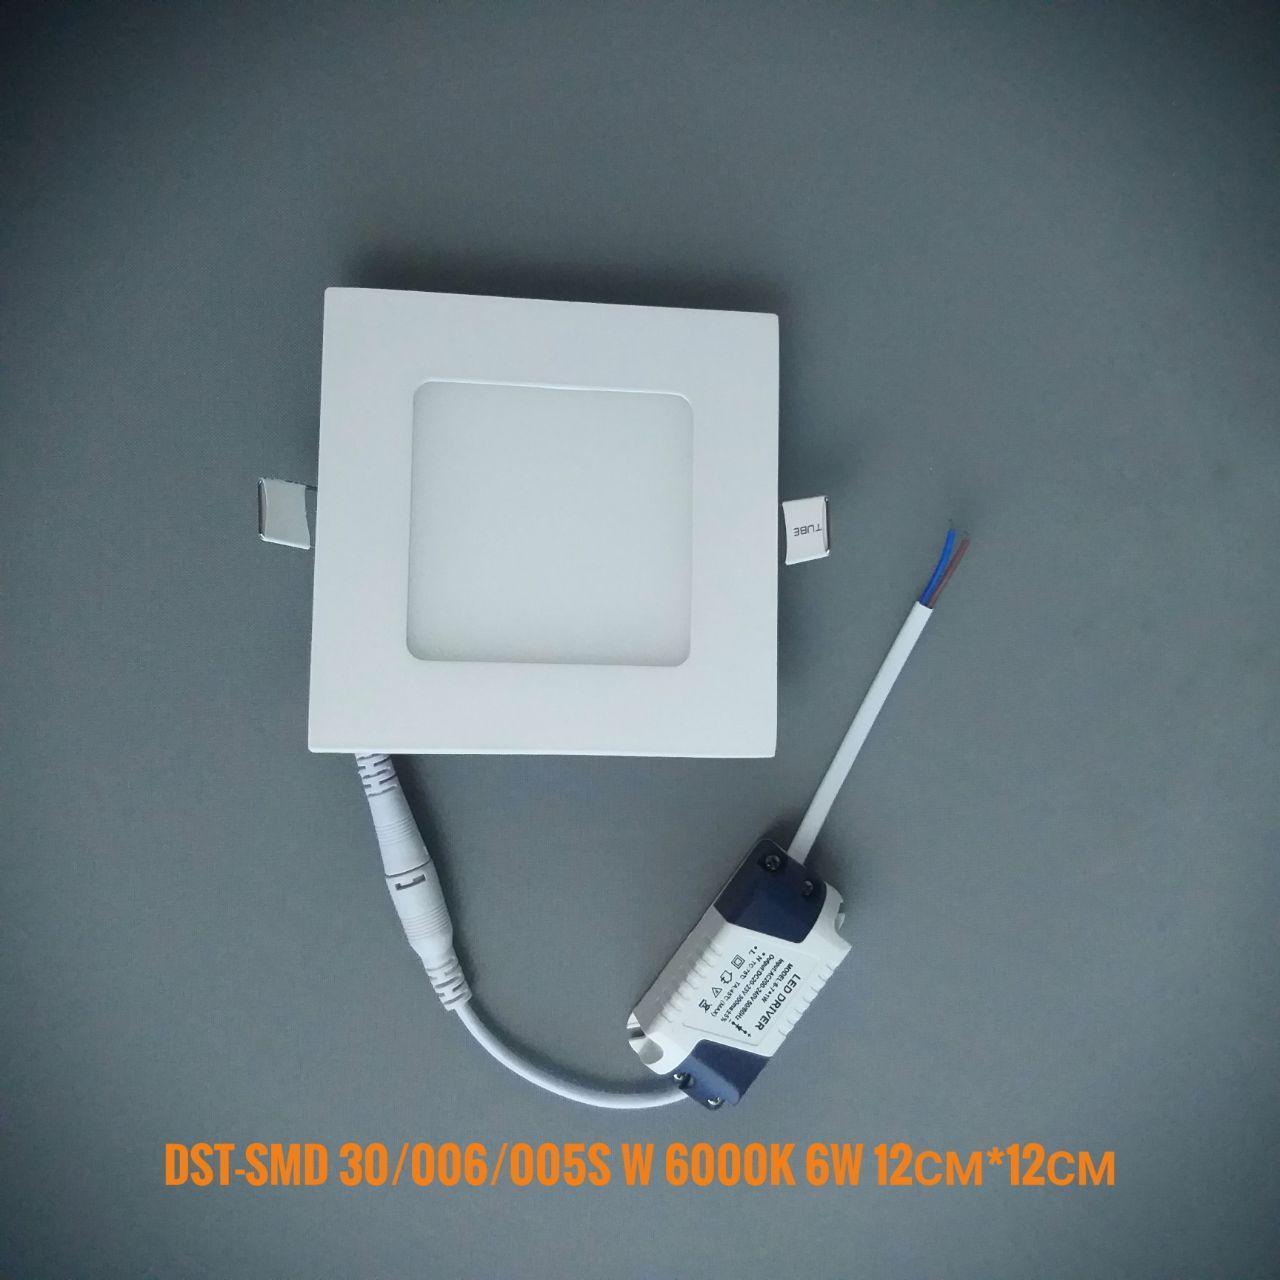 Светодиодная панель квадрат врезной DST-SMD30/006/005S W 6000K 6W